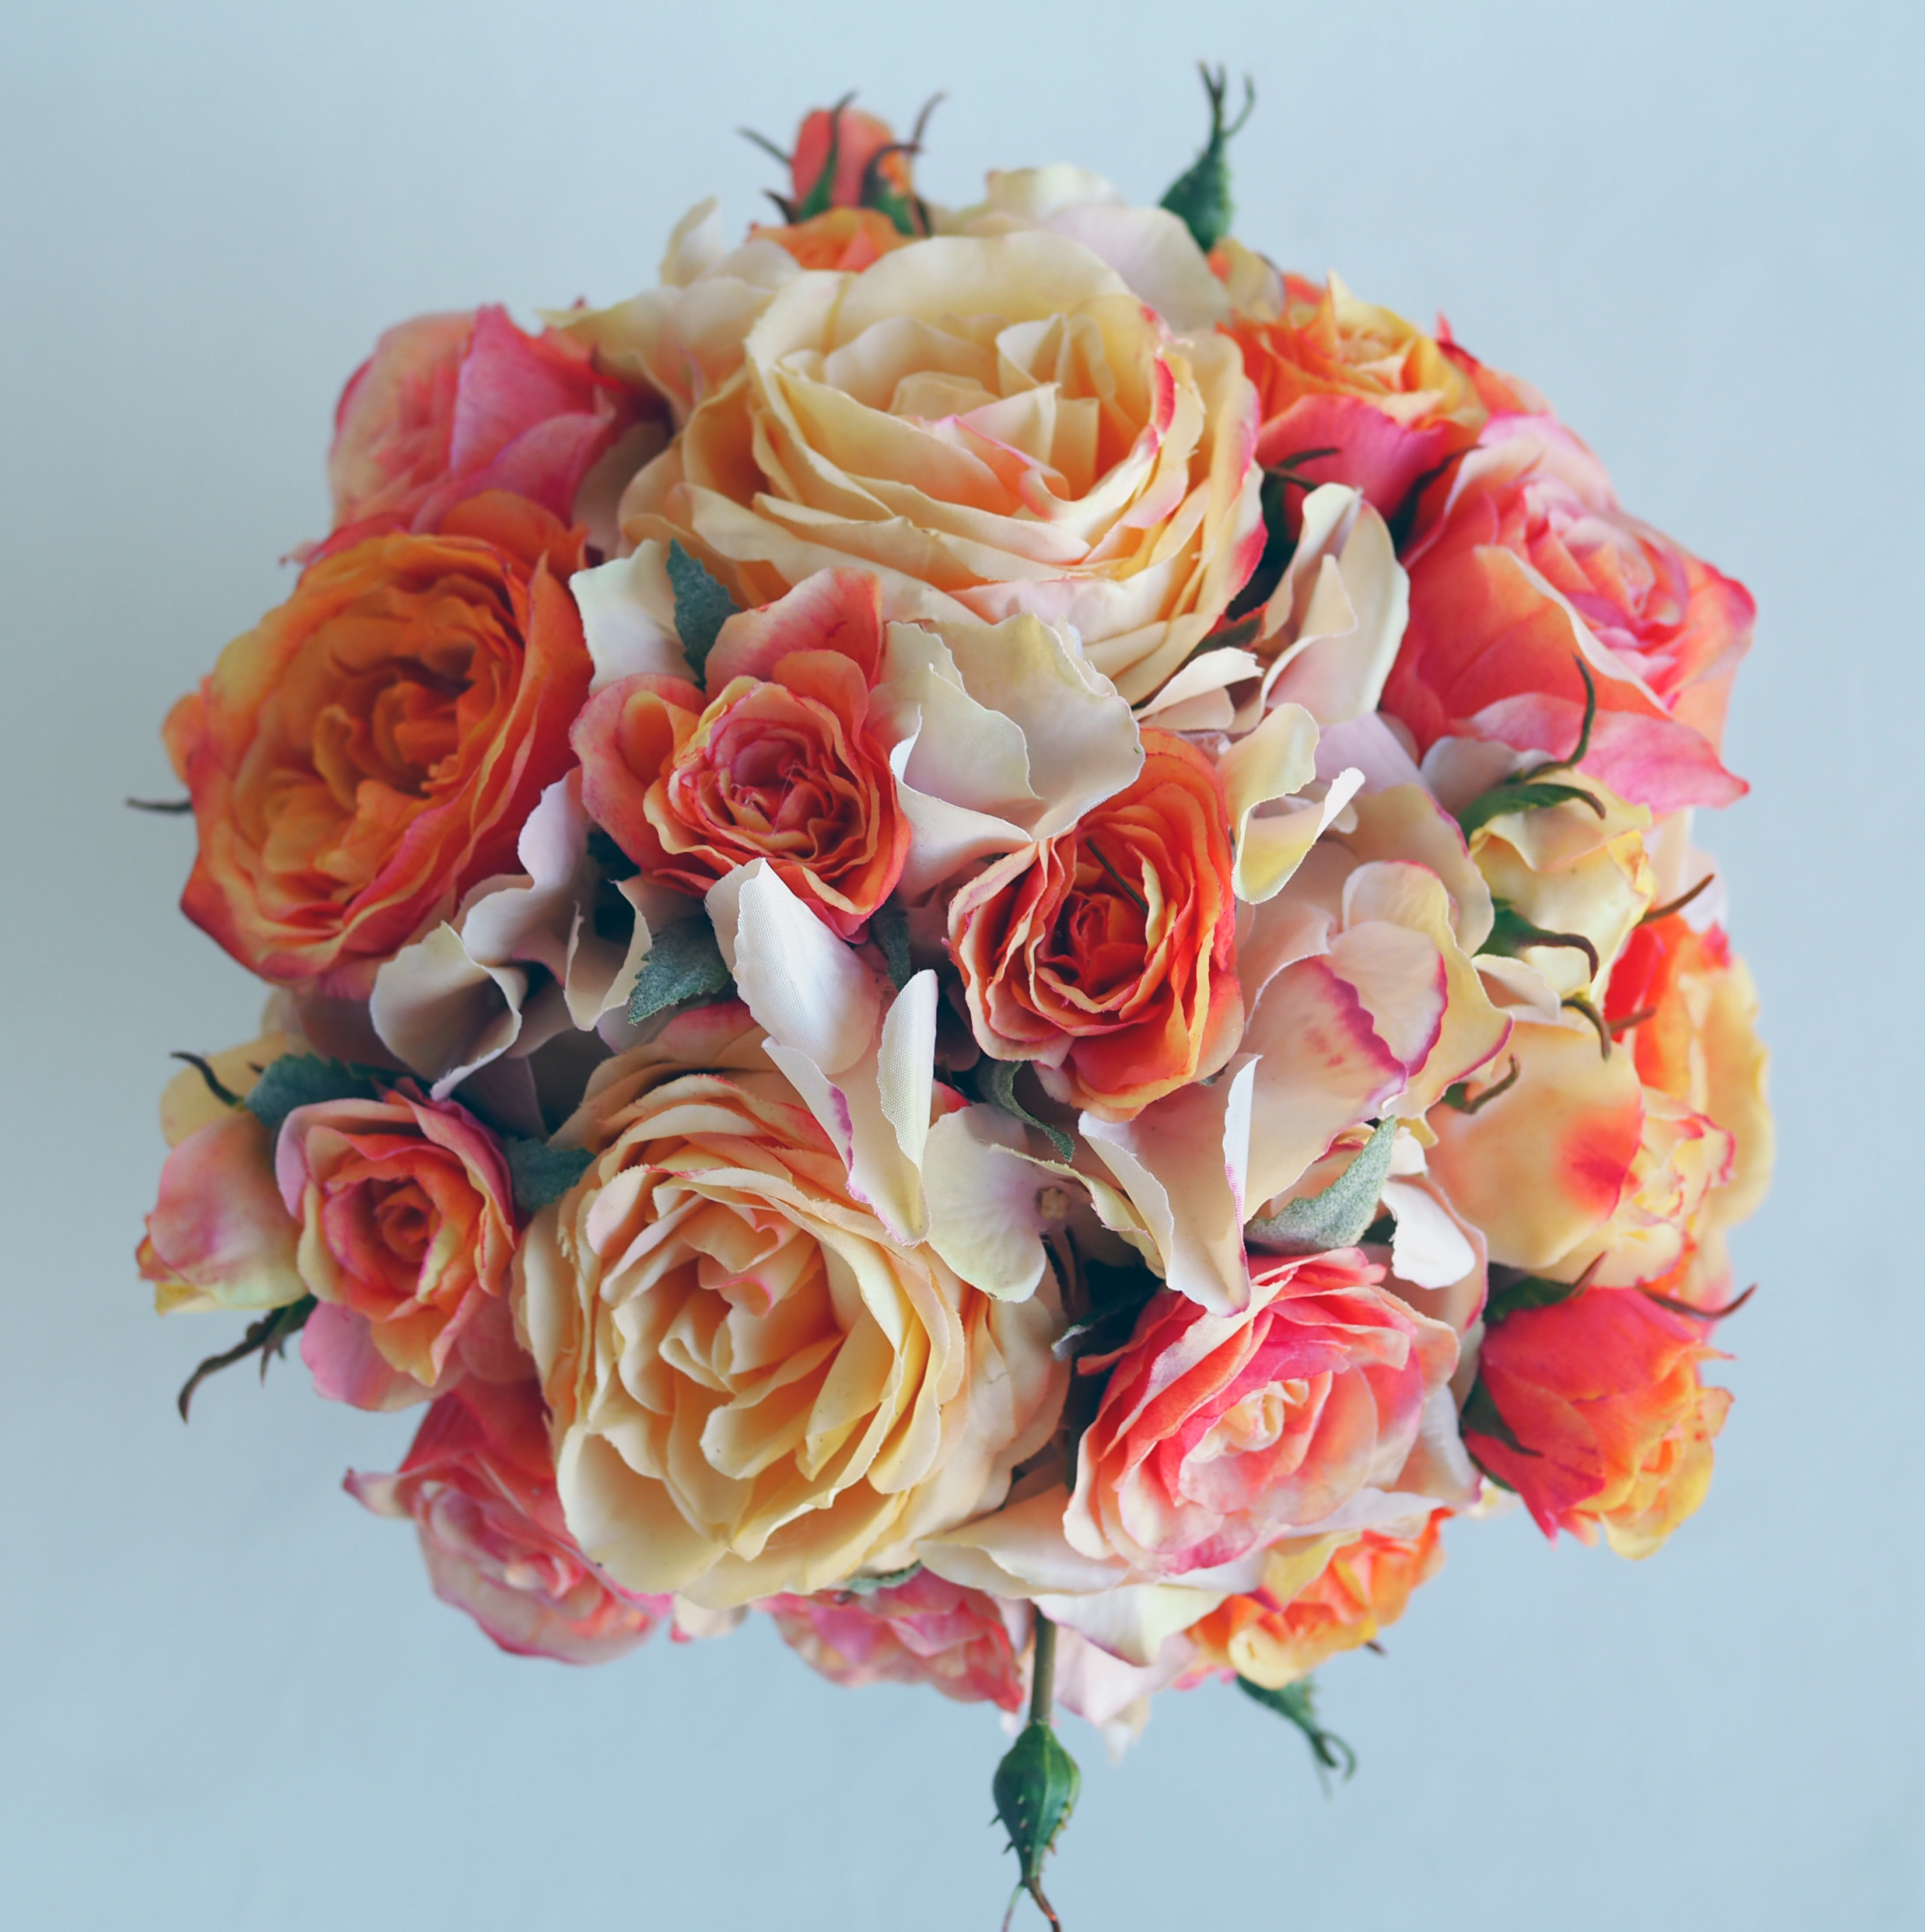 Dreamy faux Rose Arrangement